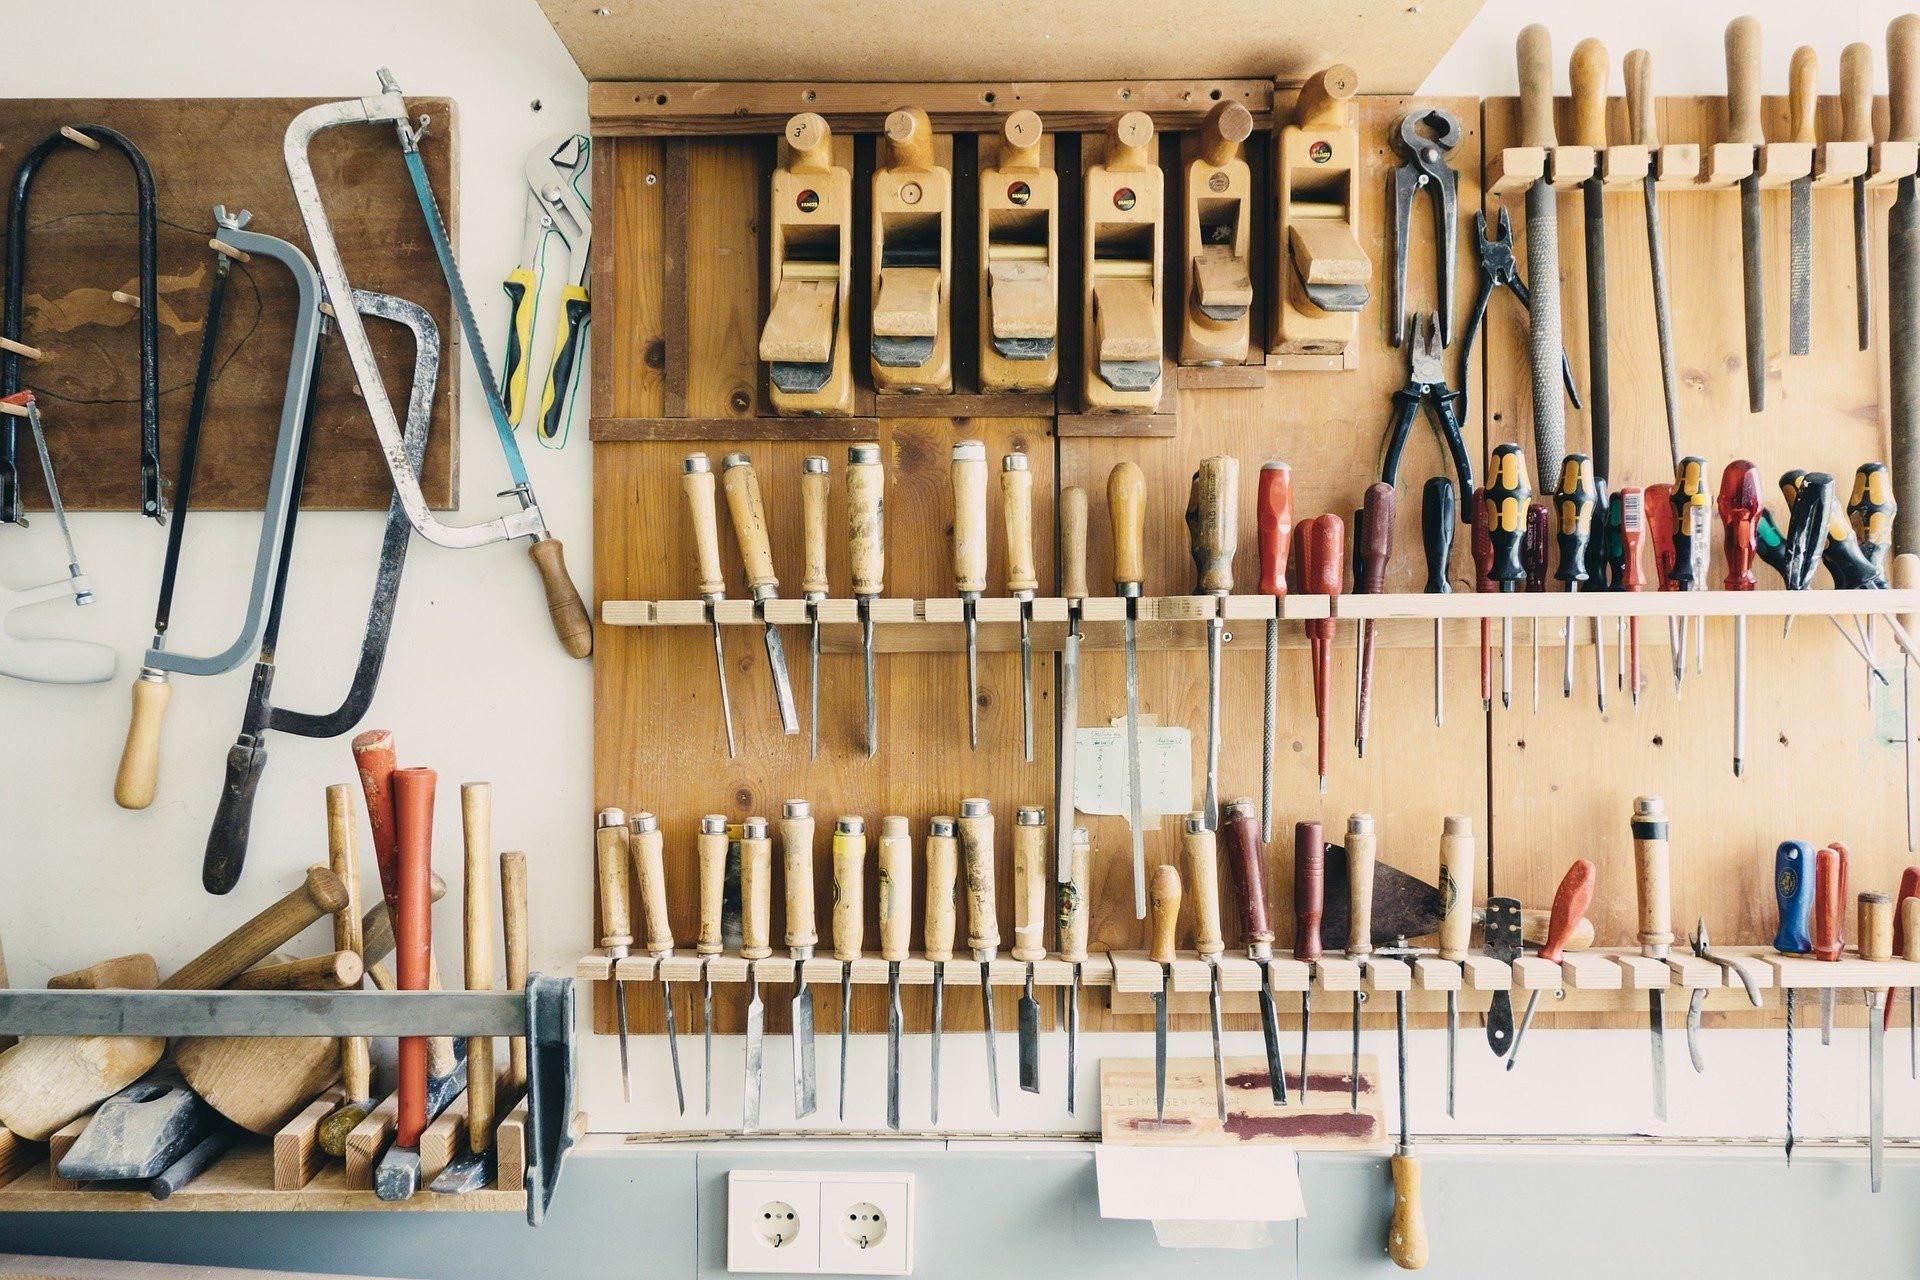 Nettoyer et organiser son garage : 4 conseils